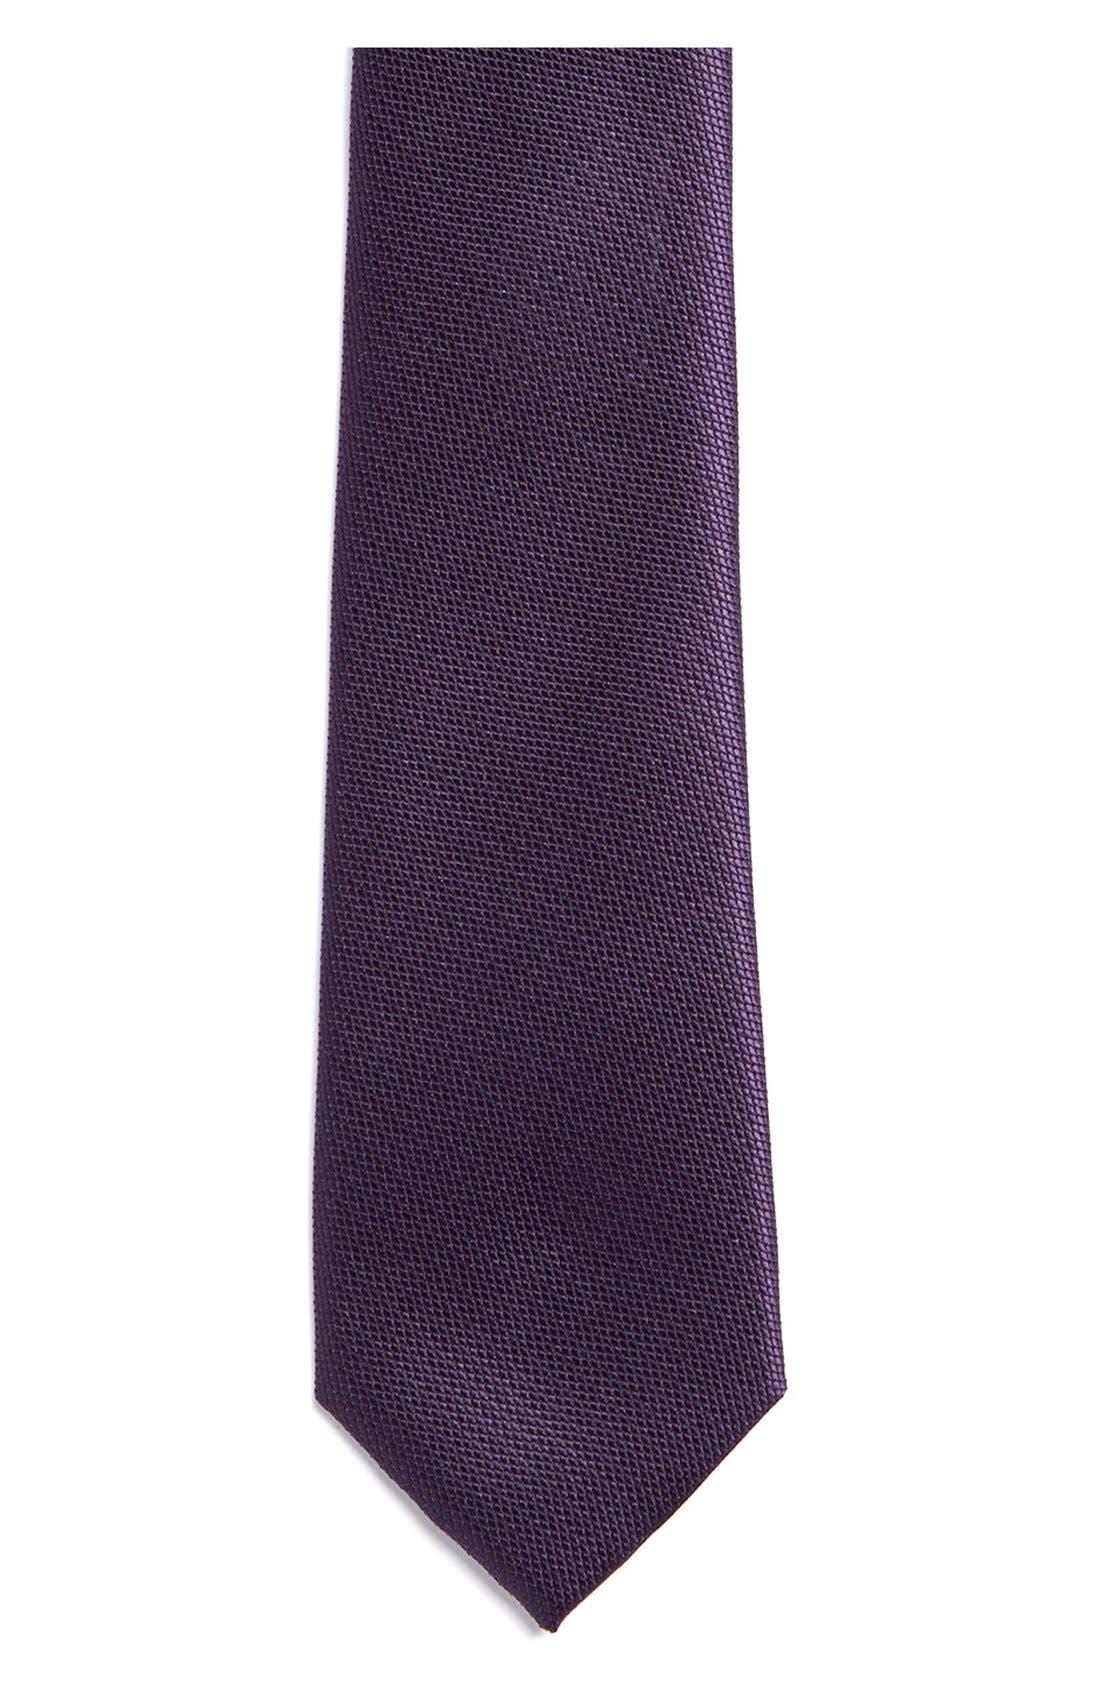 Alternate Image 2  - Topman Slim Burgundy Tie